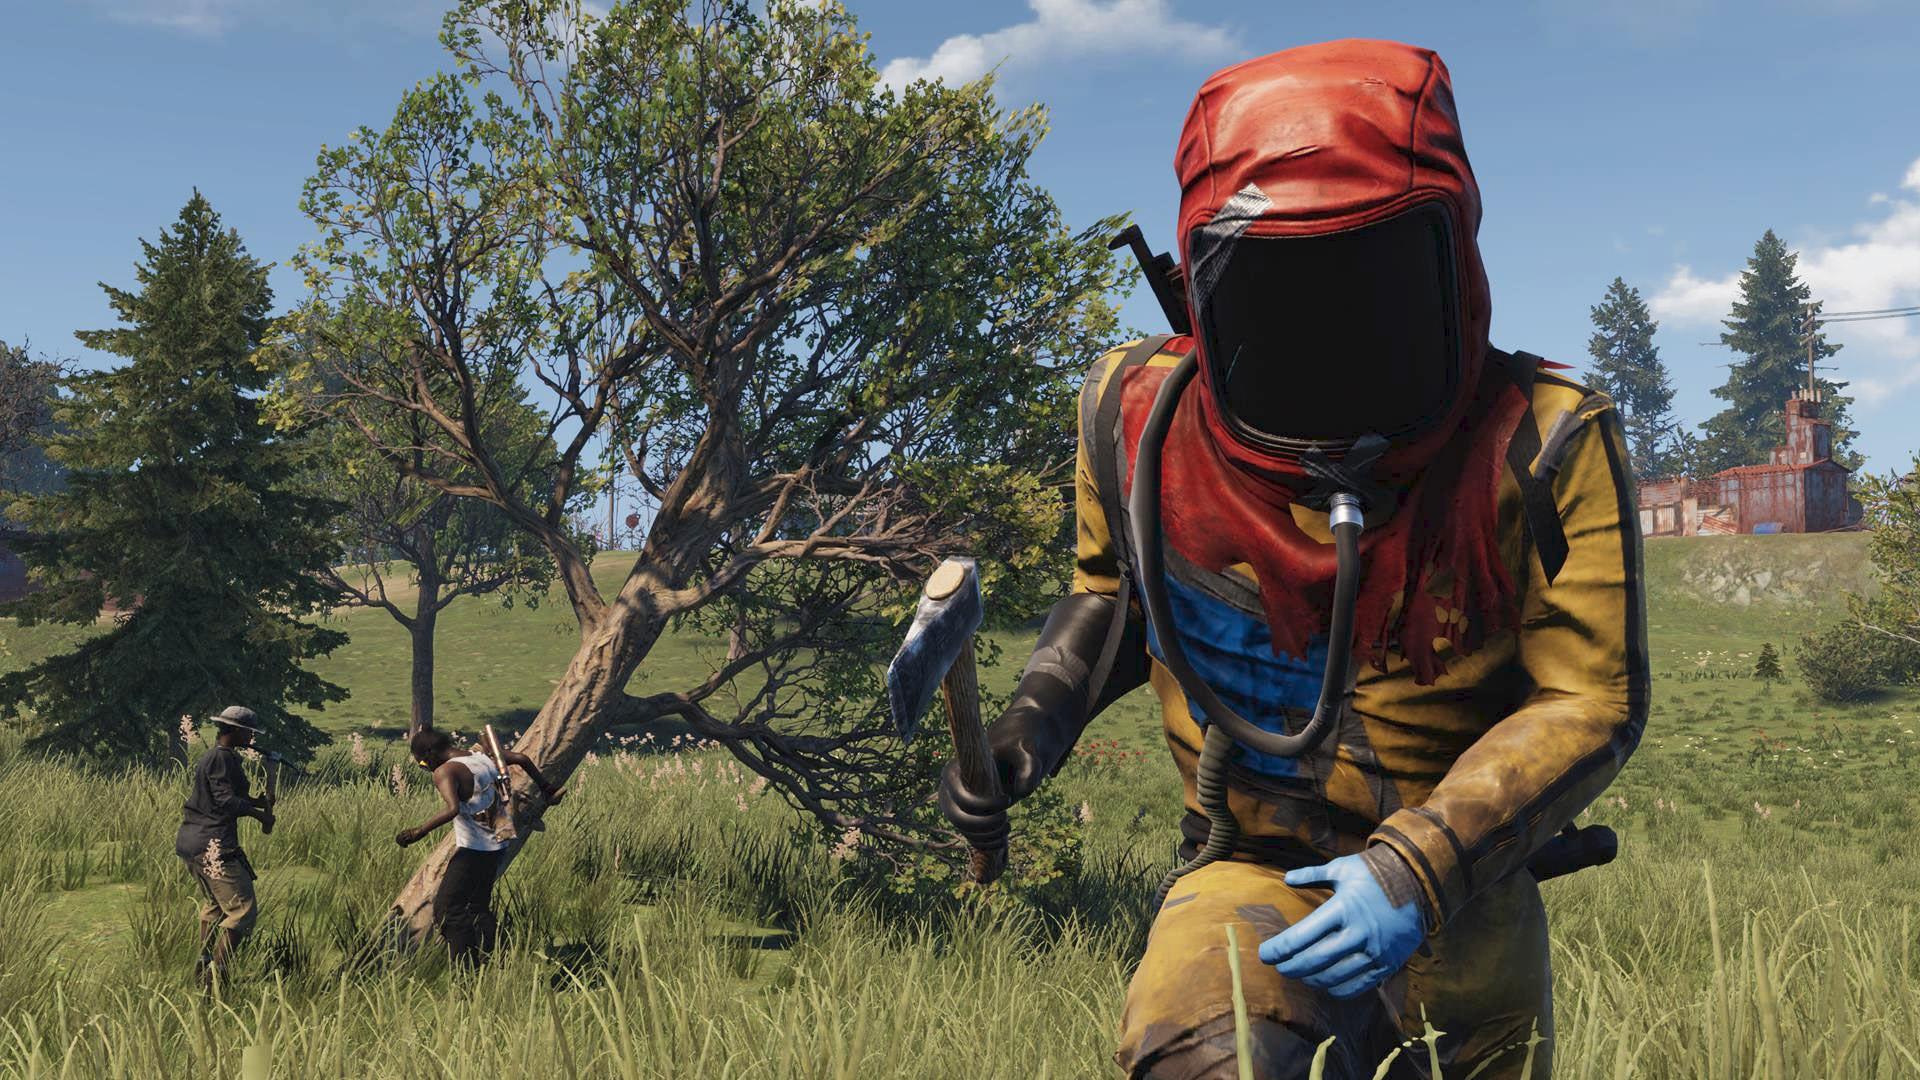 تاریخ عرضه نسخه کنسولی بازی Rust